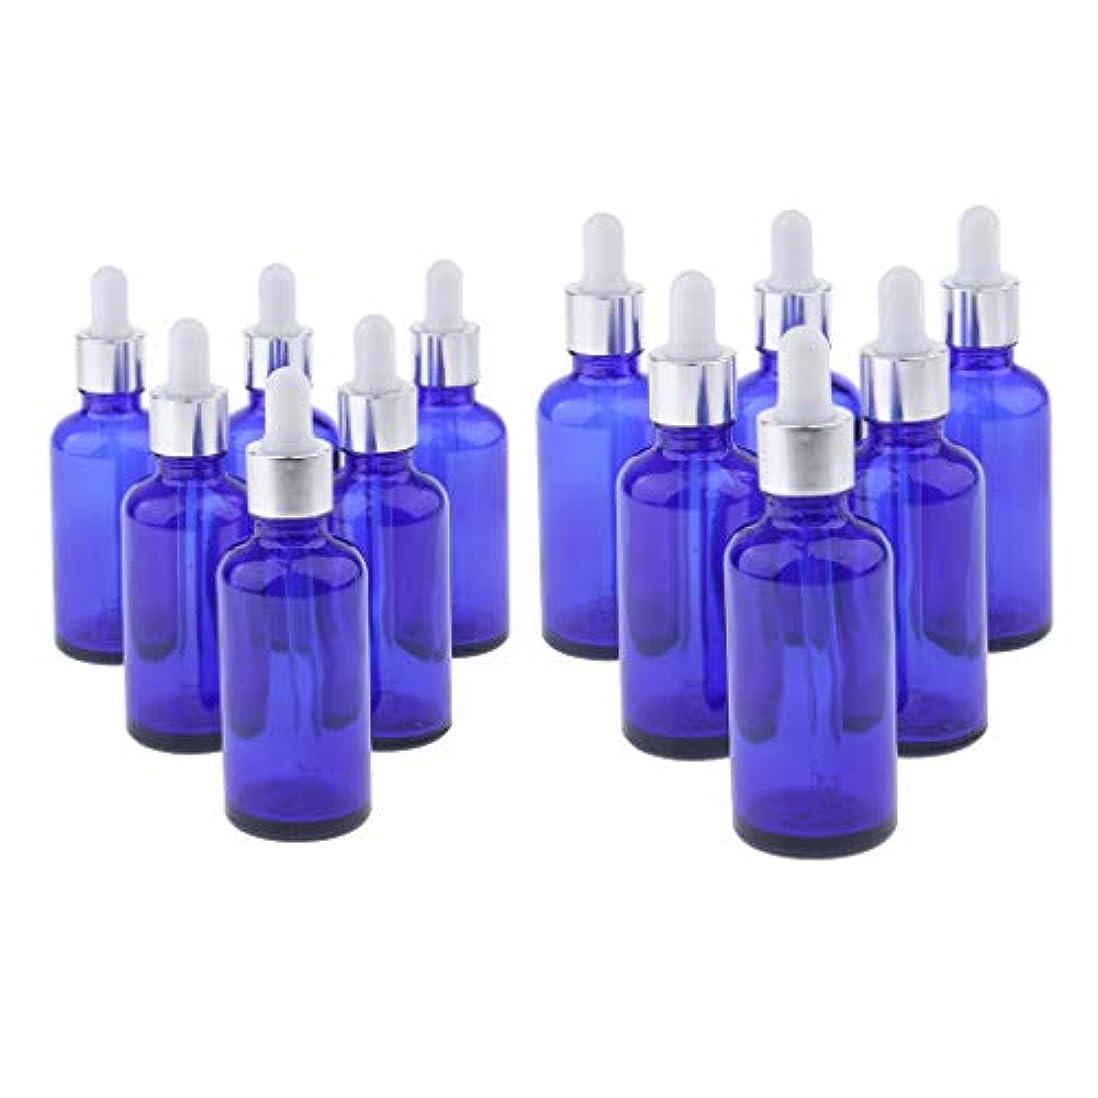 きしむ急いで教えて化粧品容器 ガラスボトル エッセンシャルオイル 精油 香水 保存容器 スポイト付 12個入